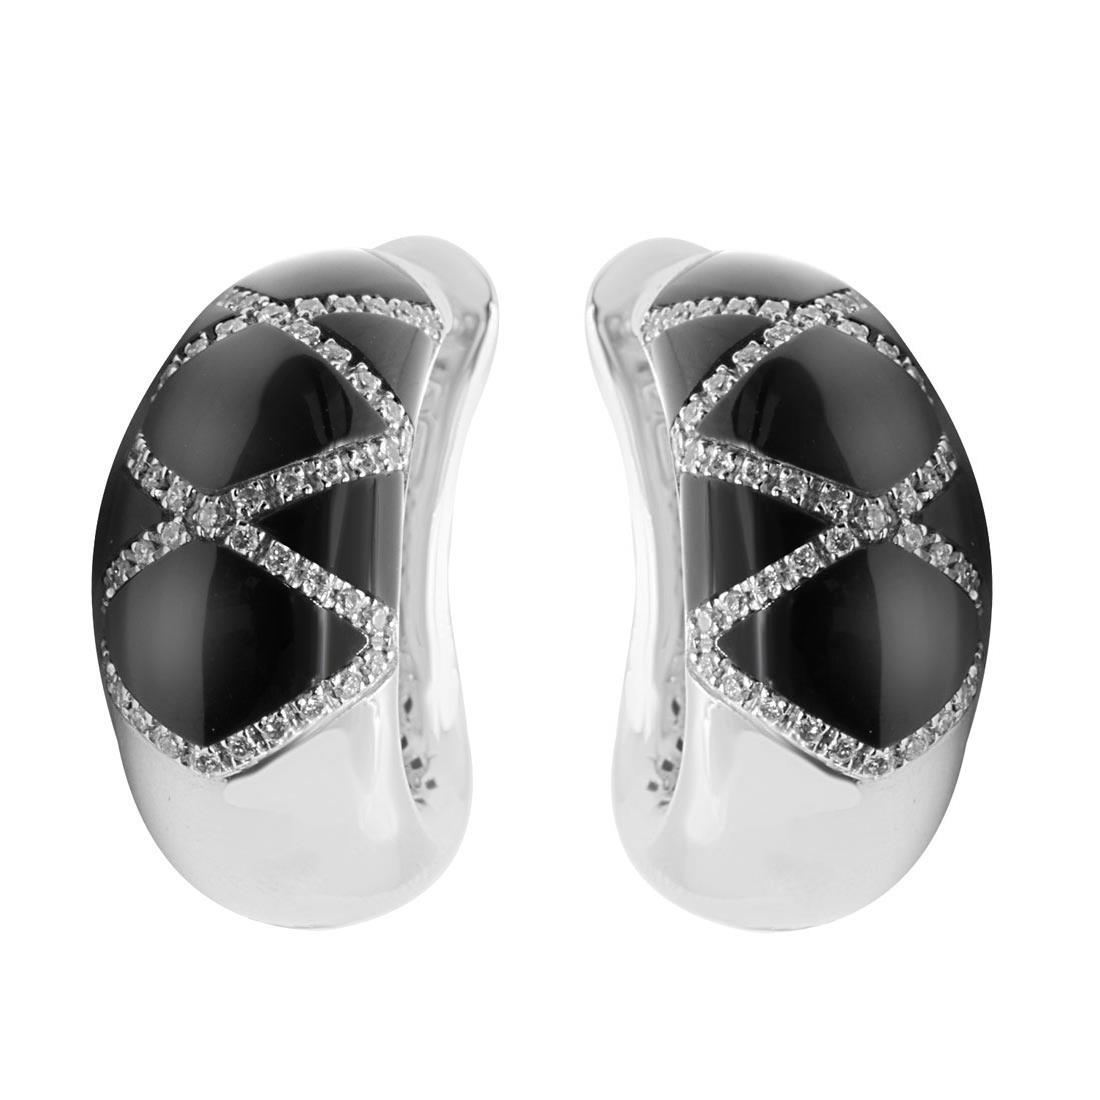 Orecchini Alfieri & St John in oro bianco con diamanti ct 0,55 - ALFIERI & ST. JOHN